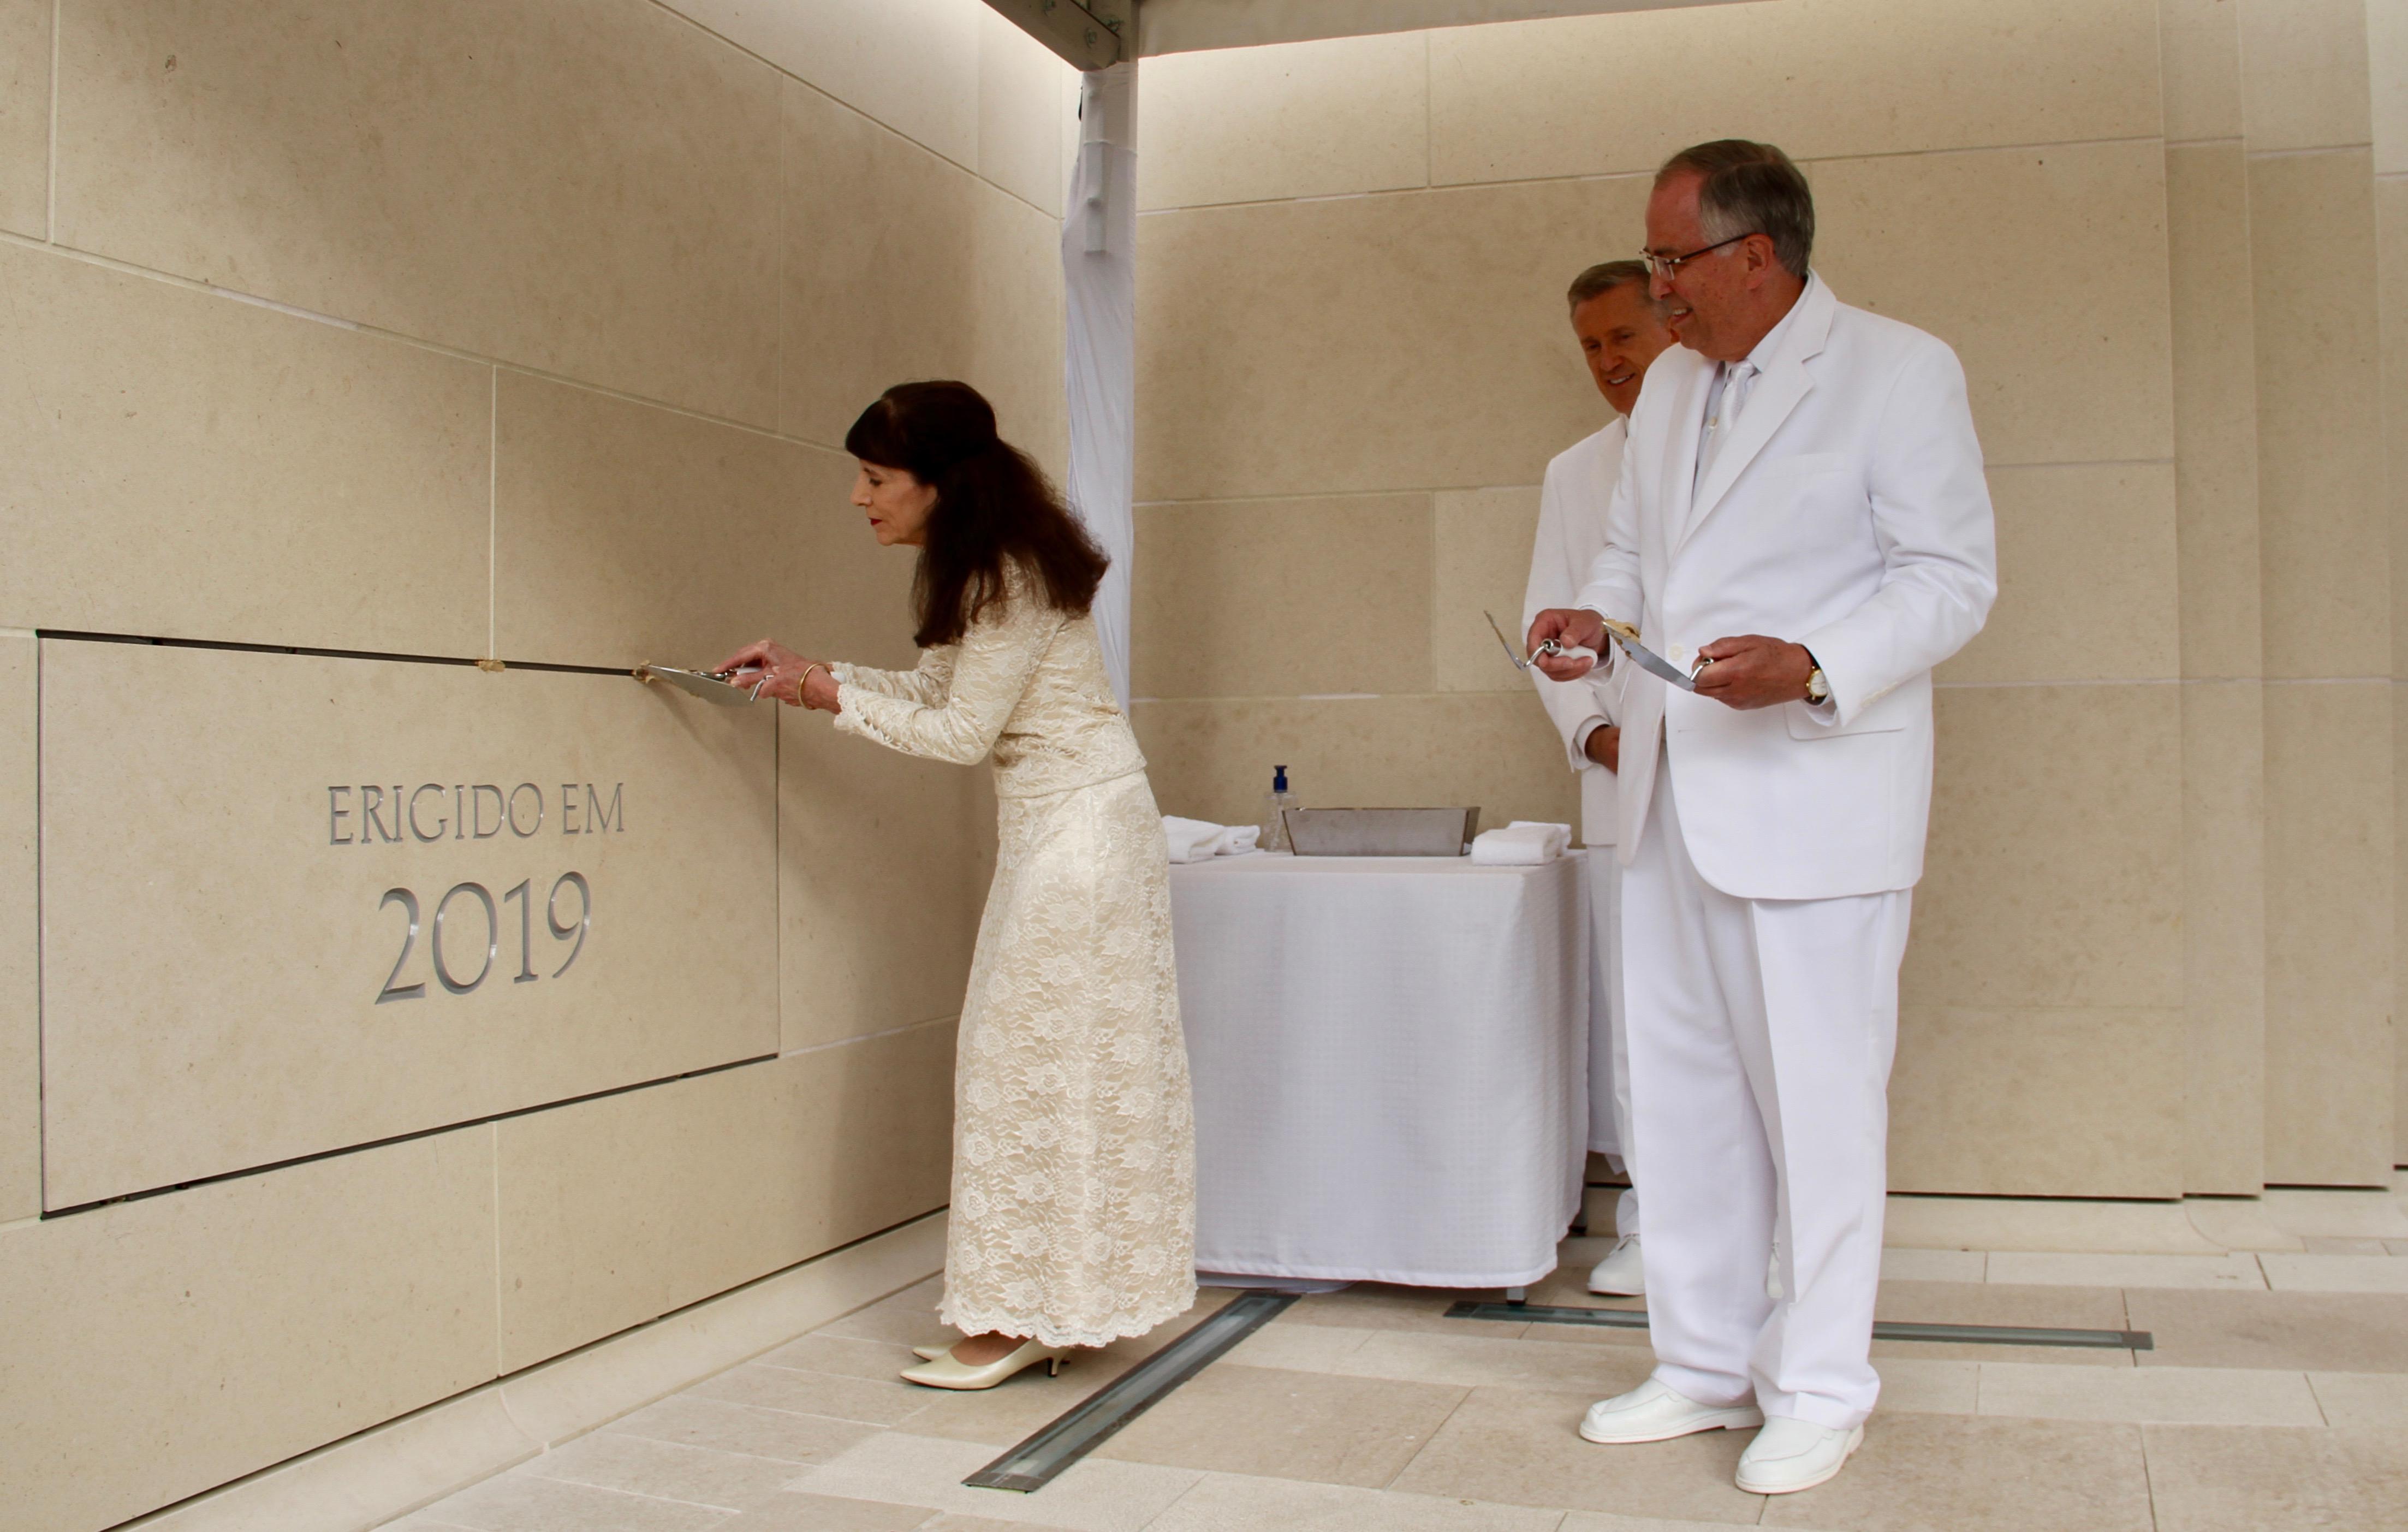 A irmã Kathy Andersen, o Elder Neil L. Andersen do Quórum dos Doze Apóstolos, e o Elder Kevin R. Duncan dos Setenta, participam na cerimónia da pedra de esquina durante a dedicação do Templo de Lisboa Portugal.